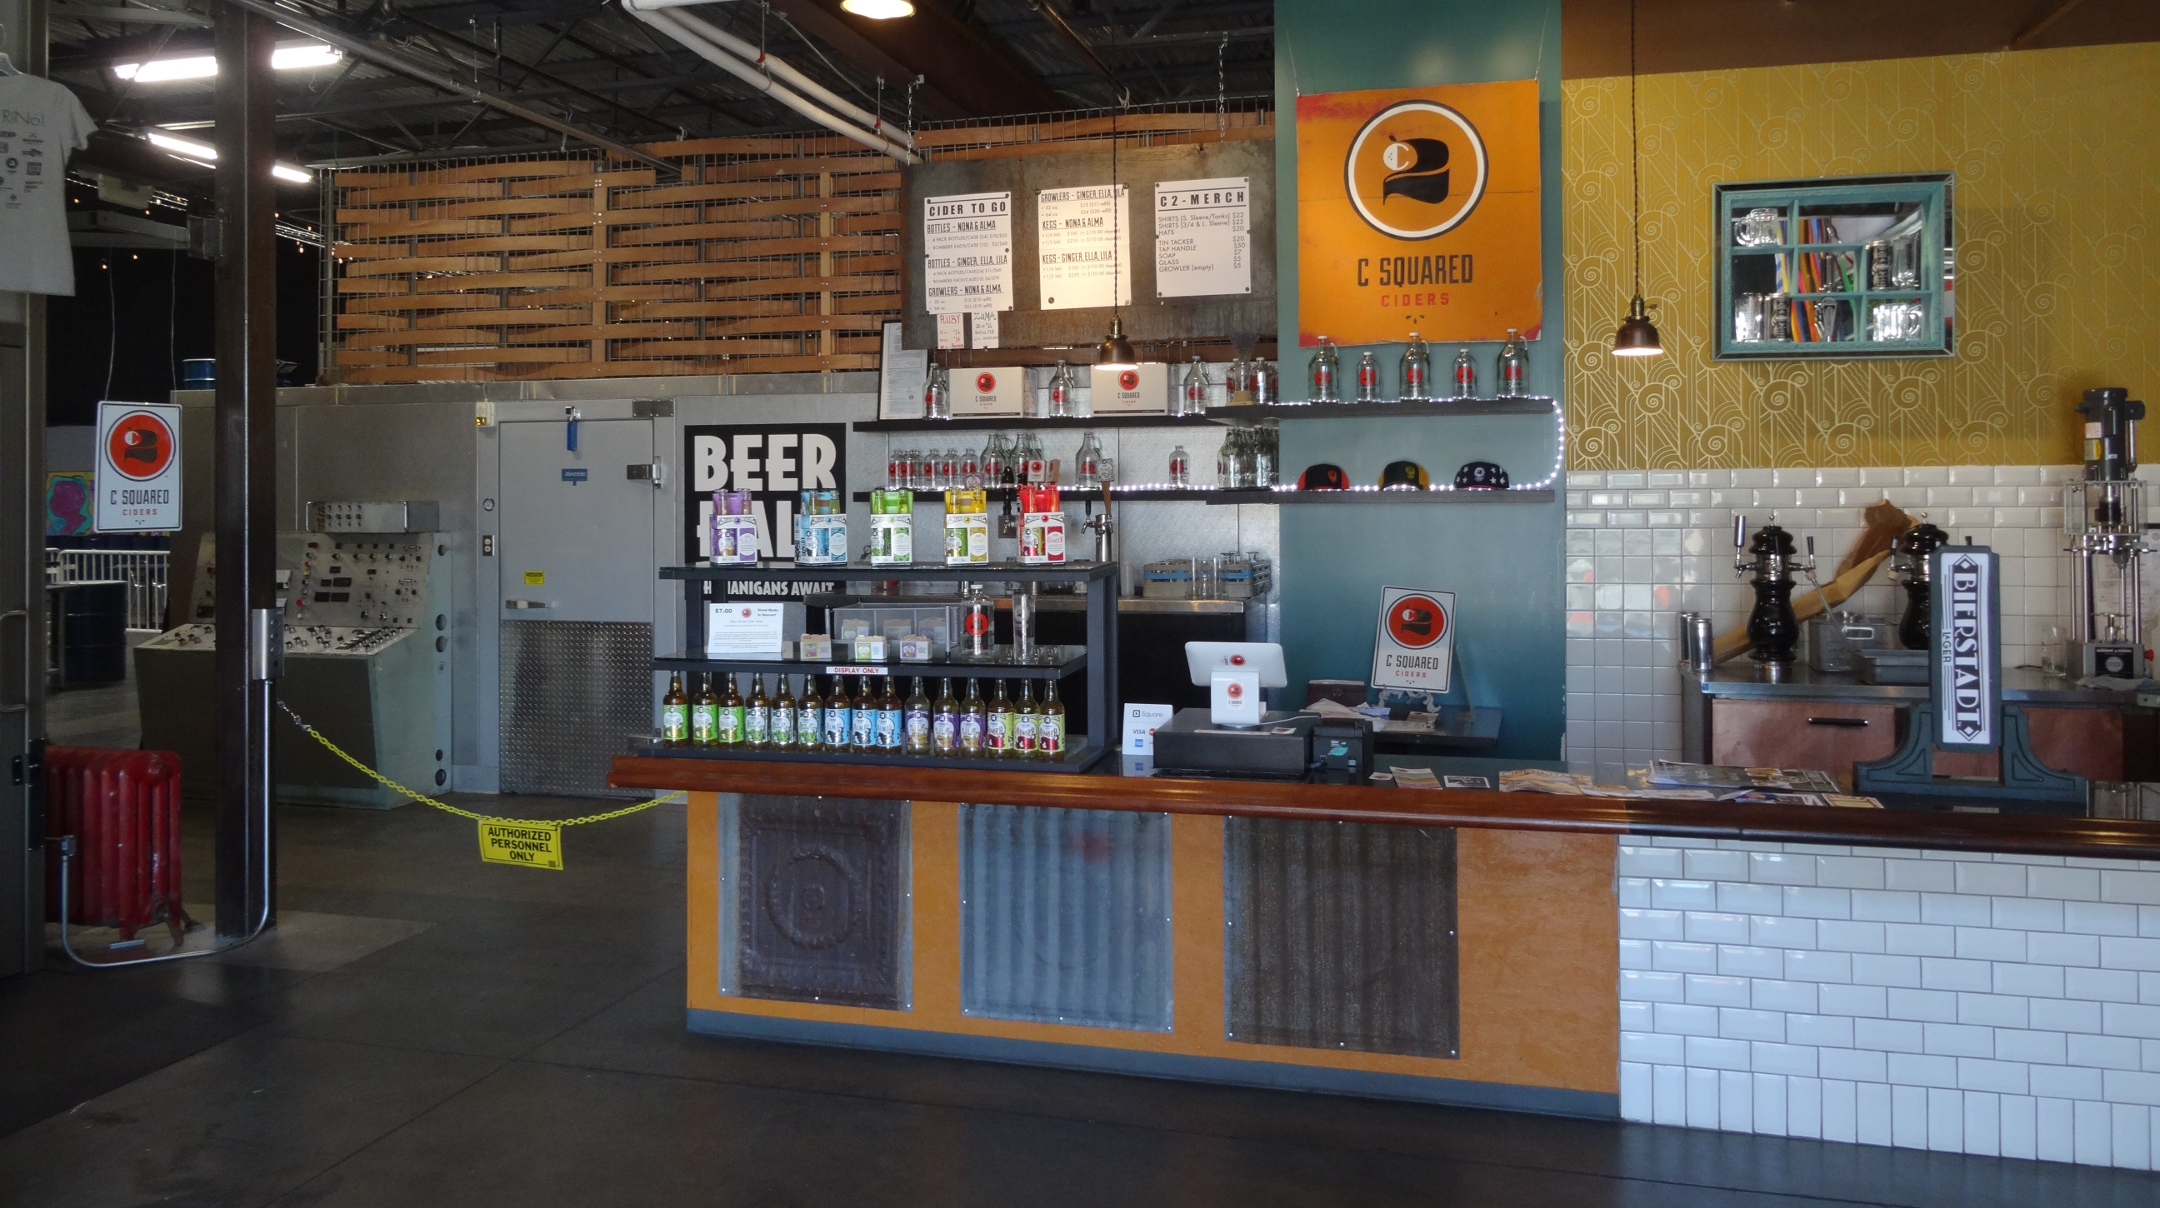 C Squared Ciders Tap Room - Denver, CO